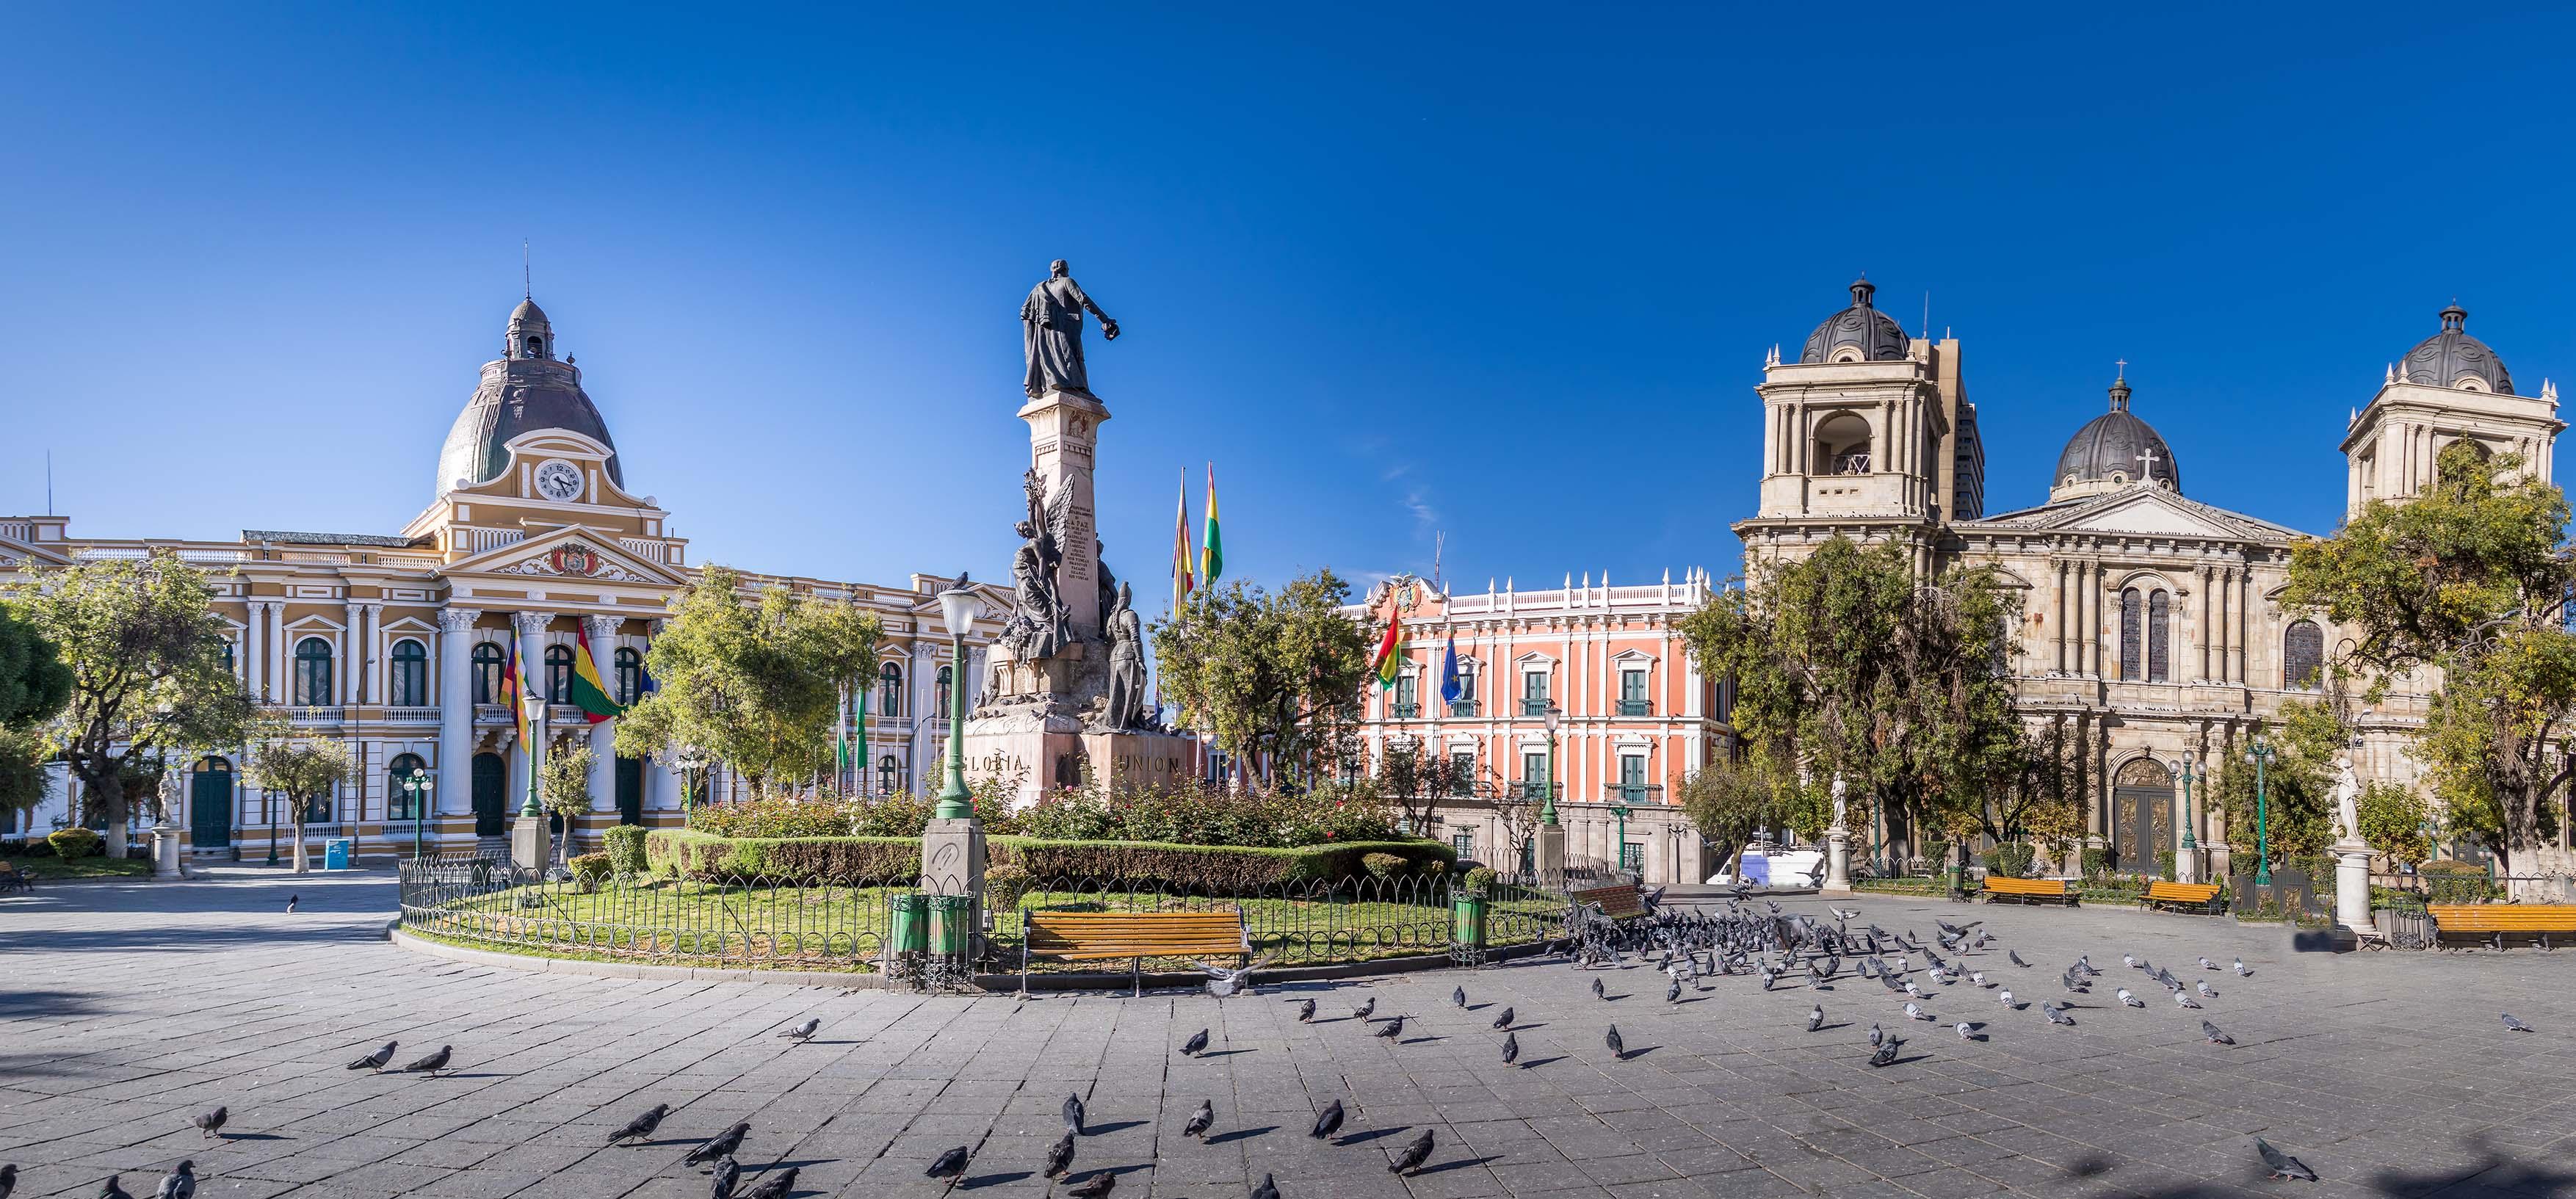 BOLIVIA – ALTO SUR HOSPITAL